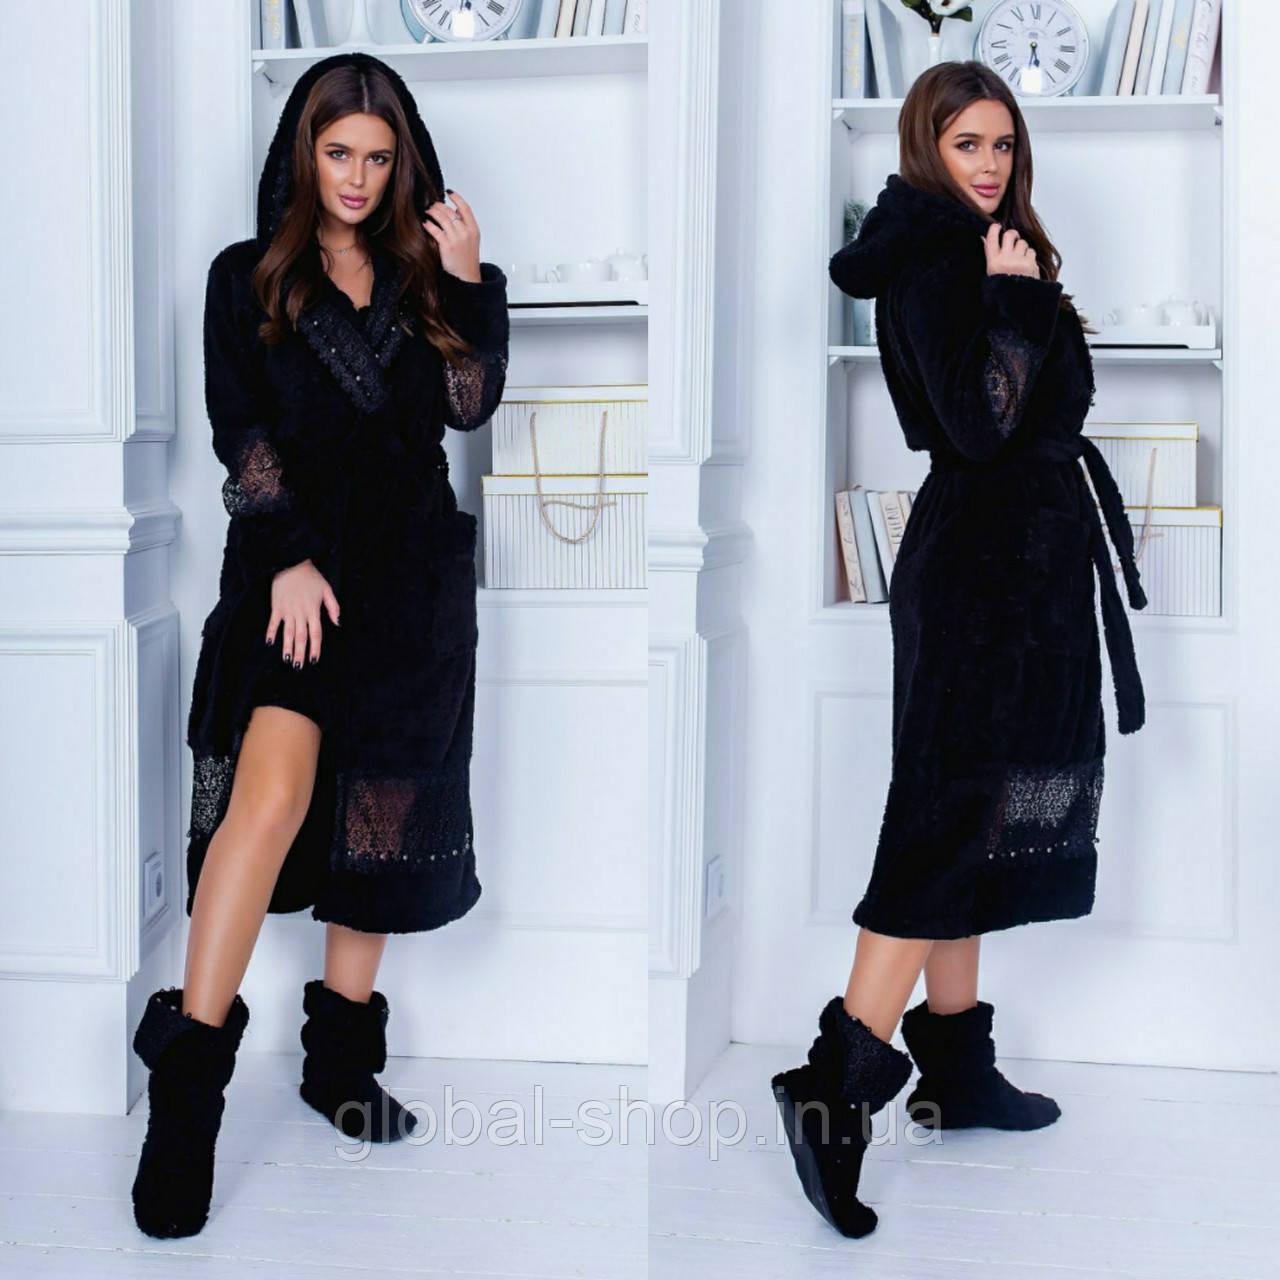 Женский махровый халат длинный черного цвета, ткань турецкая пушистая махра , Размер 42\48 , код 0209